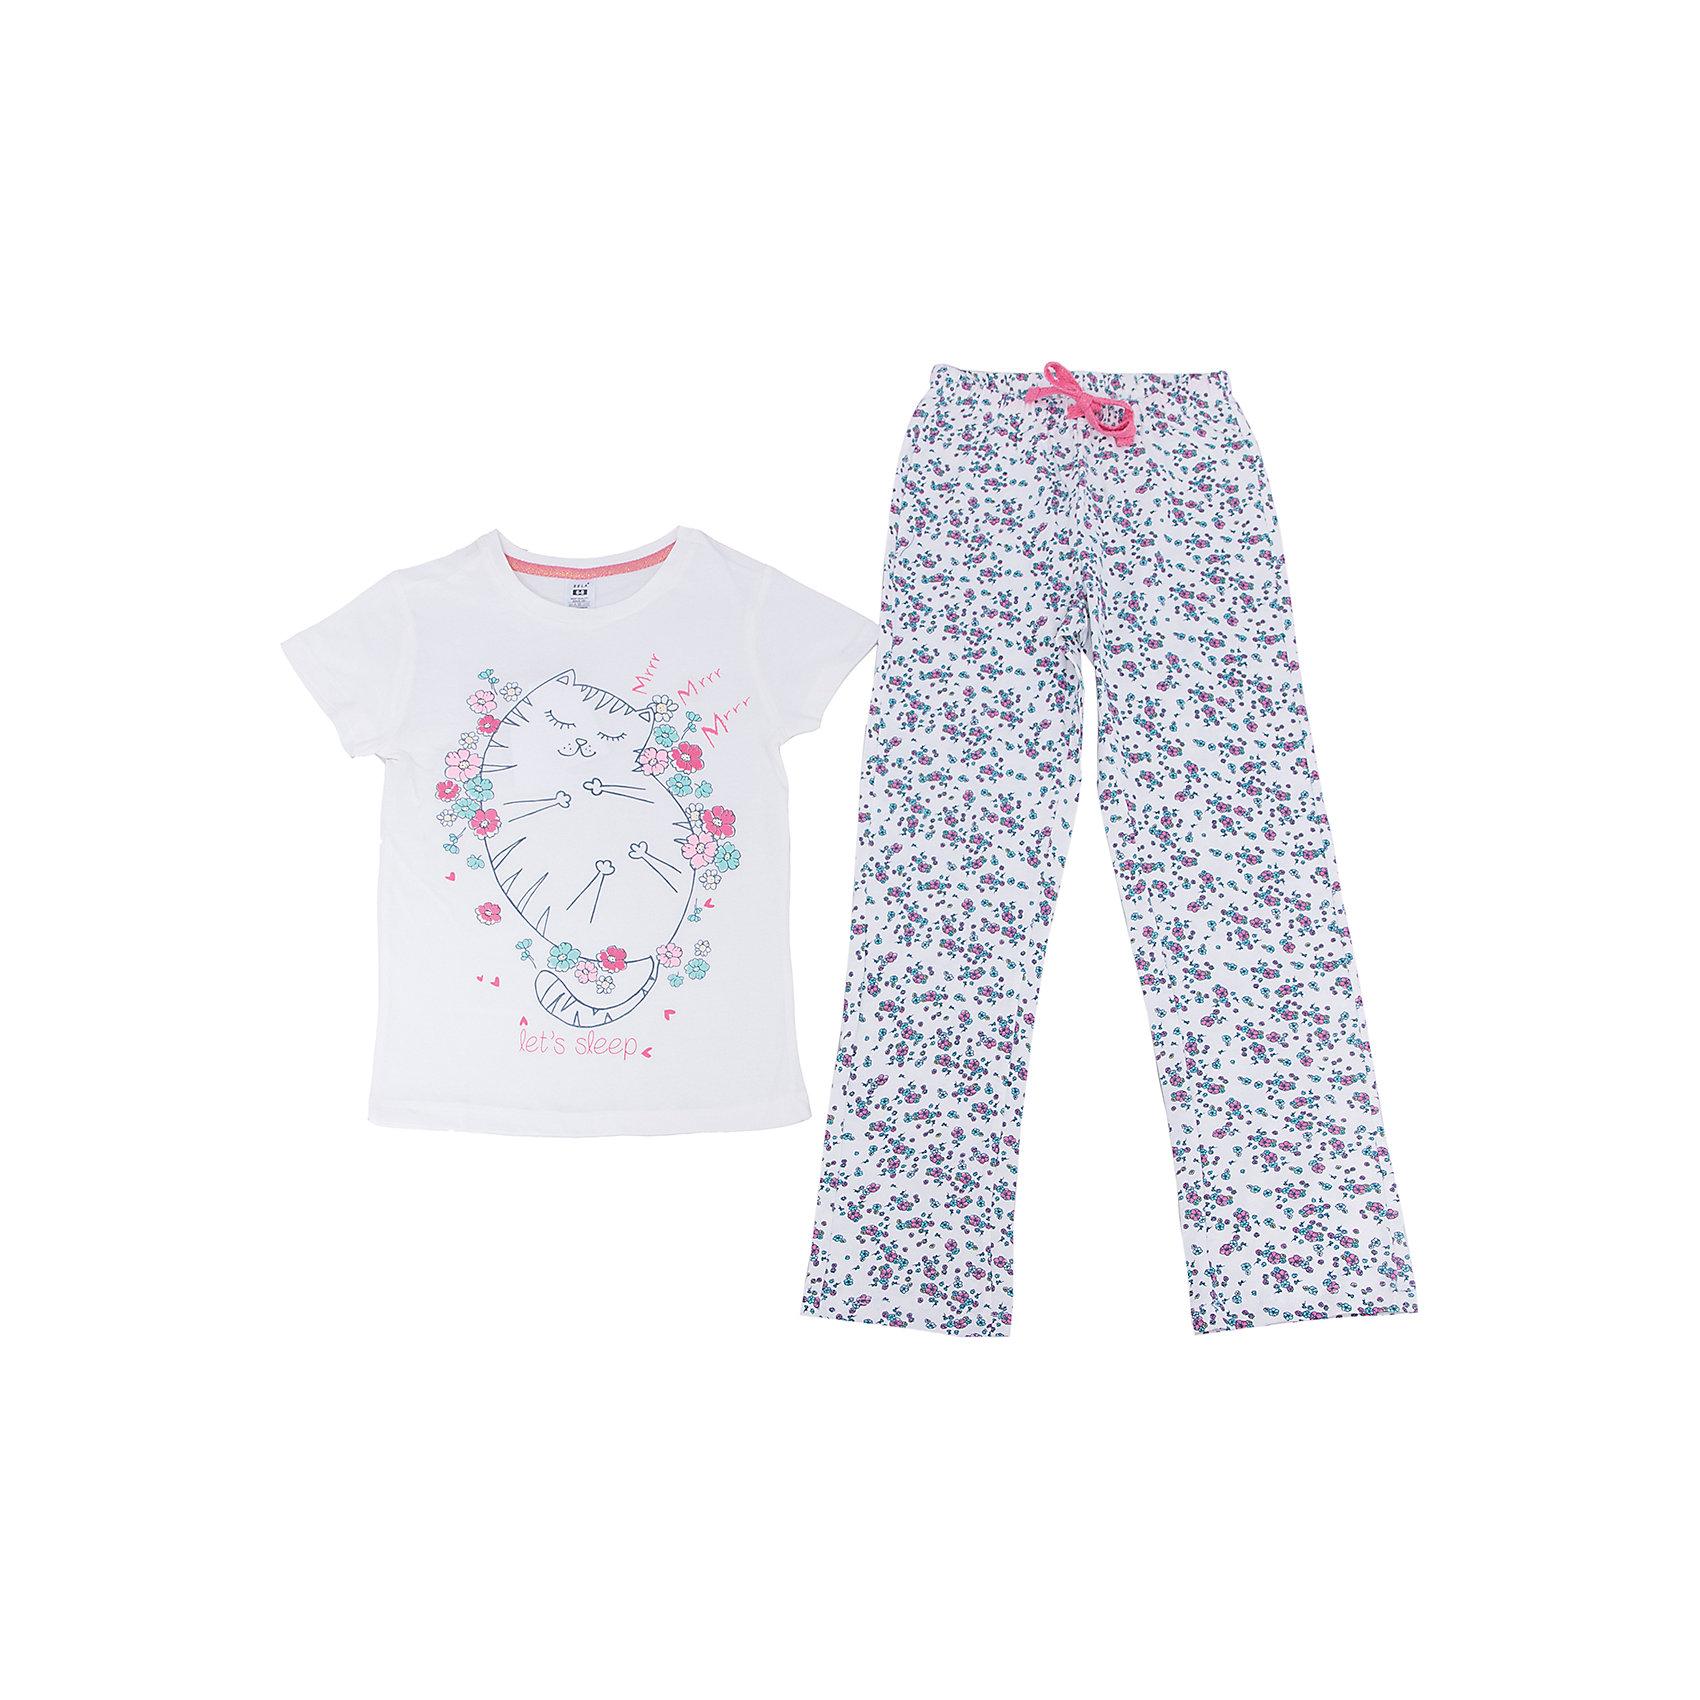 Пижама для девочки SELAПижамы и сорочки<br>Характеристики товара:<br><br>• цвет: молочный<br>• состав: 100% хлопок<br>• комплектация: футболка, брюки<br>• короткие рукава<br>• принт<br>• пояс: мягкая резинка и шнурок<br>• коллекция весна-лето 2017<br>• страна бренда: Российская Федерация<br>• страна производства: Индия<br><br>Вещи из новой коллекции SELA продолжают радовать удобством! Симпатичная пижама поможет обеспечить ребенку комфорт - она очень удобно сидит на теле. В составе материала - натуральный хлопок. Отличная одежда для комфортного сна!<br><br>Одежда, обувь и аксессуары от российского бренда SELA не зря пользуются большой популярностью у детей и взрослых! Модели этой марки - стильные и удобные, цена при этом неизменно остается доступной. Для их производства используются только безопасные, качественные материалы и фурнитура. Новая коллекция поддерживает хорошие традиции бренда! <br><br>Пижаму для девочки от популярного бренда SELA (СЕЛА) можно купить в нашем интернет-магазине.<br><br>Ширина мм: 281<br>Глубина мм: 70<br>Высота мм: 188<br>Вес г: 295<br>Цвет: белый<br>Возраст от месяцев: 120<br>Возраст до месяцев: 132<br>Пол: Женский<br>Возраст: Детский<br>Размер: 140/146,128/134,92/98,104/110,116/122<br>SKU: 5302851